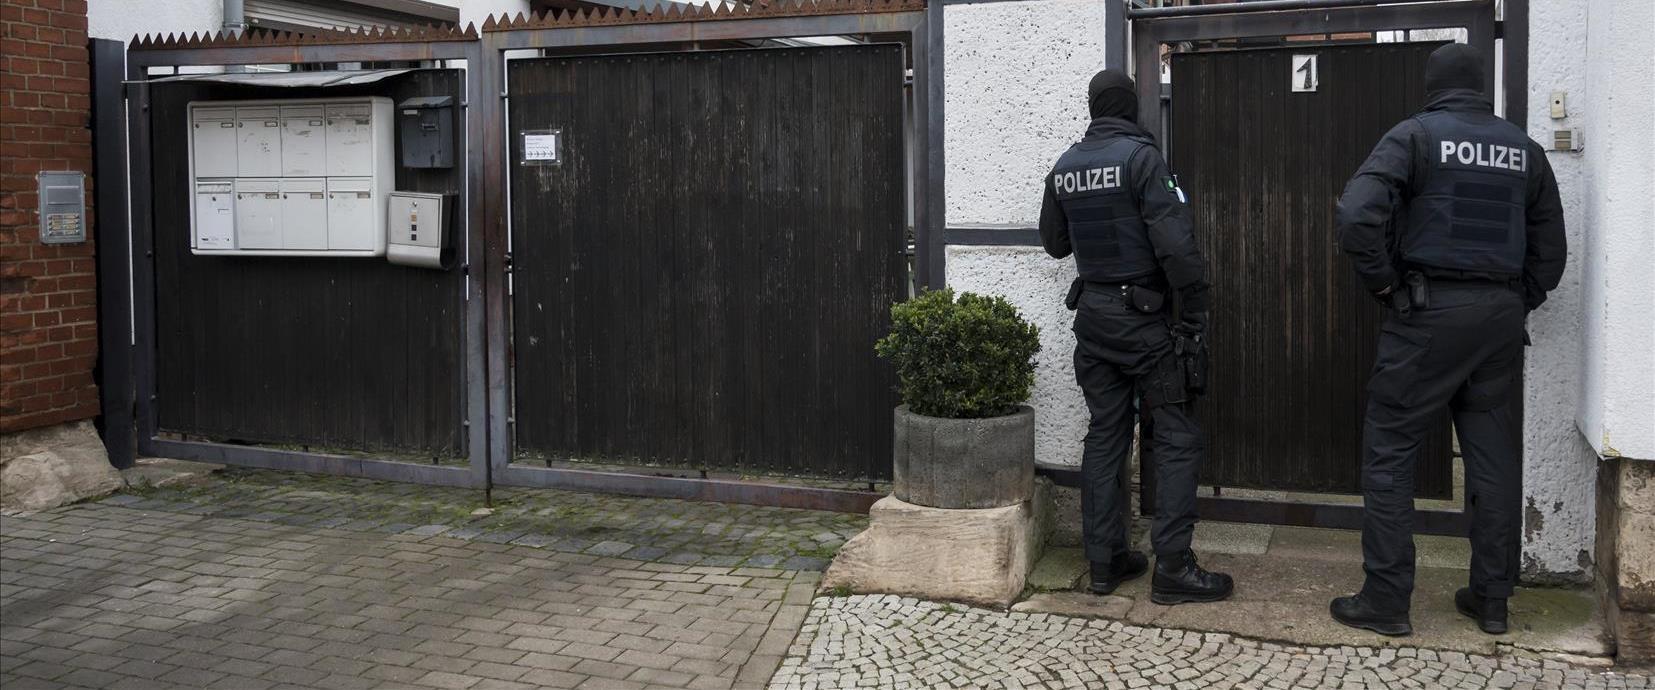 פעילות נגד נאו נאצים בגרמניה, ינואר 2020